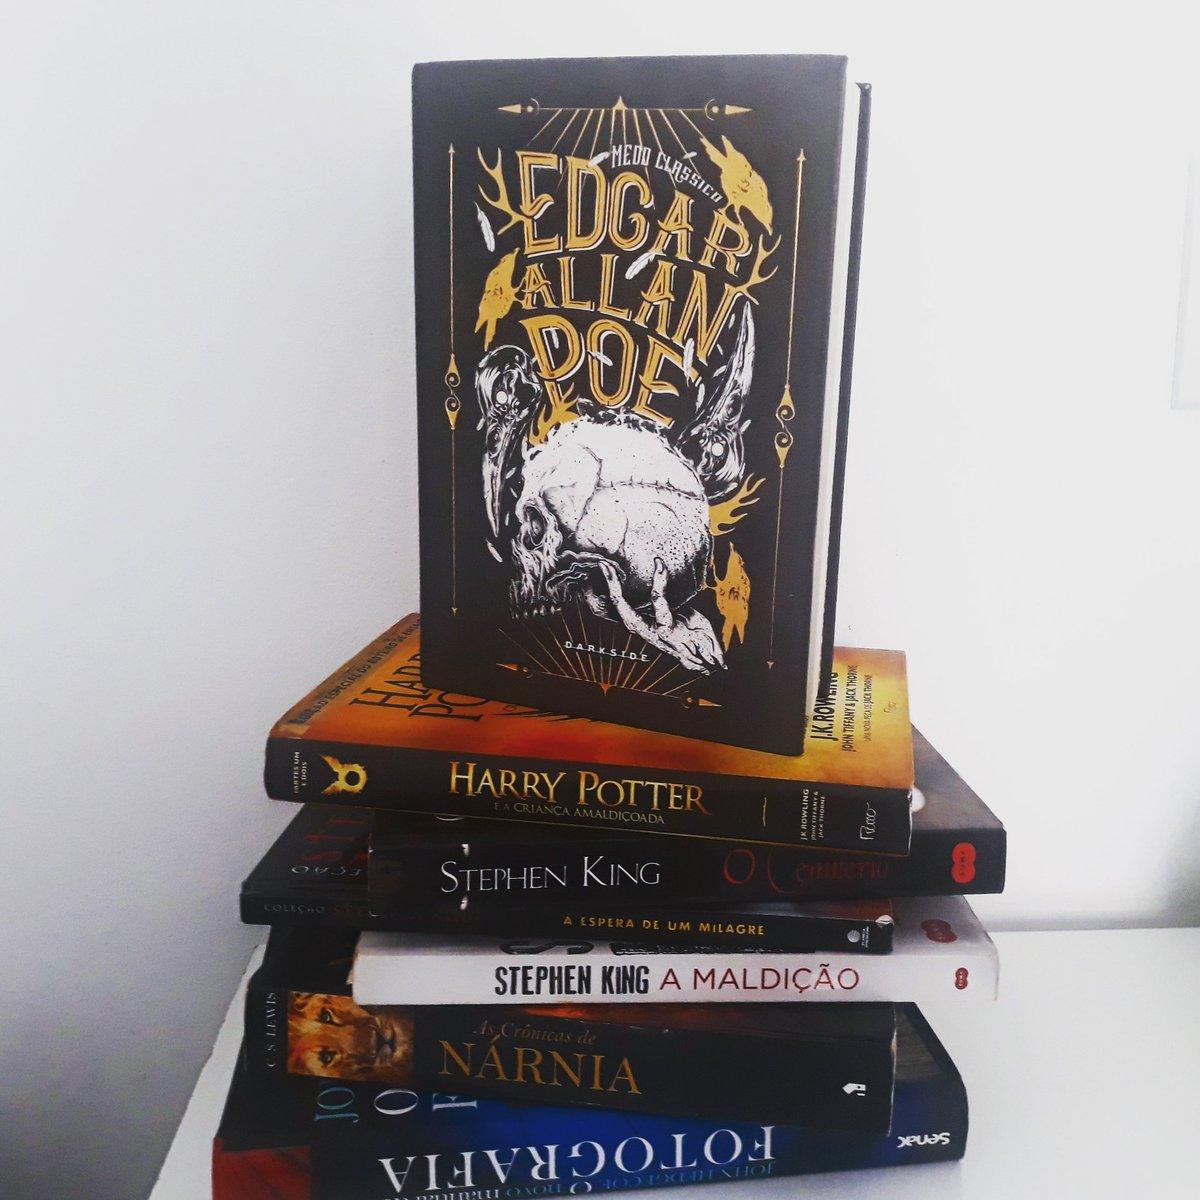 Vamos começar o ano com muita leitura! . *Minha meta: Ler mais! . Qual livro você pretende ler esse ano? . #book #bookstagram #livrosdeterror #livrossuspense #livrosmotivacionais #livrosromance #instagoth #livros #books #edgarallanpoe #harrypotterpic.twitter.com/sF2Cz87osY